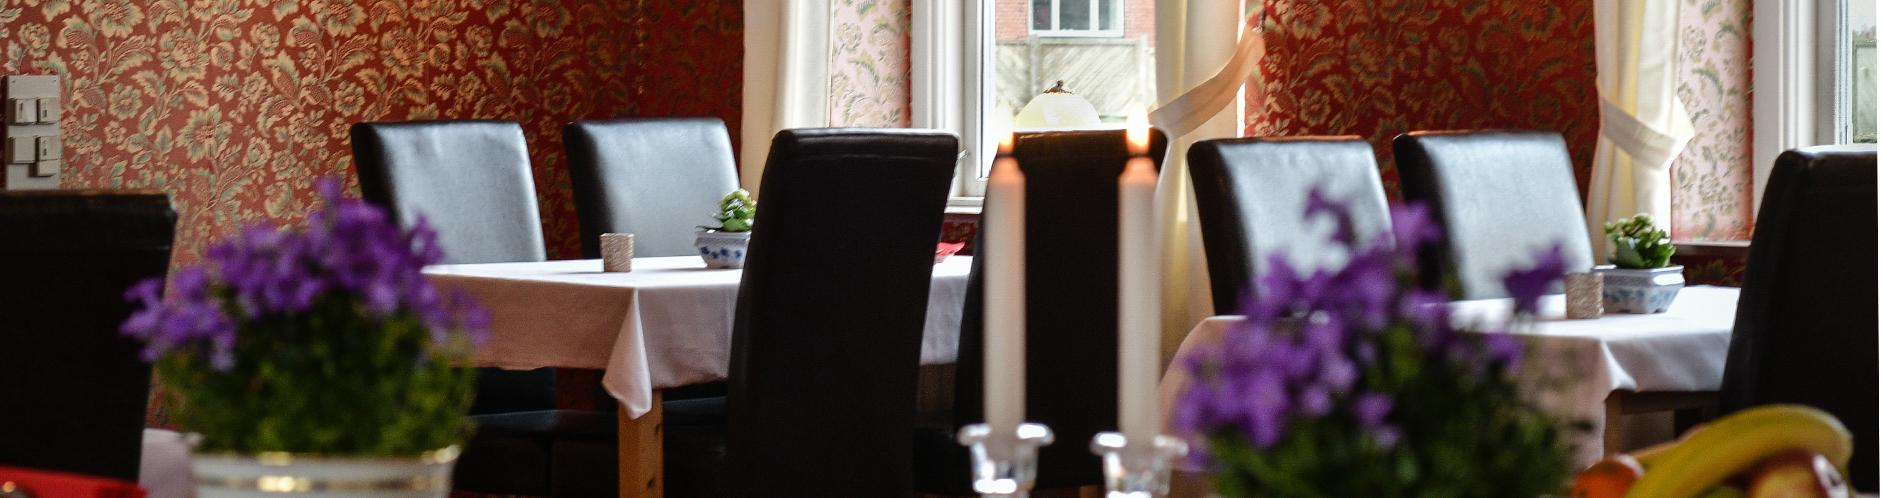 banner-restaurant-blomst